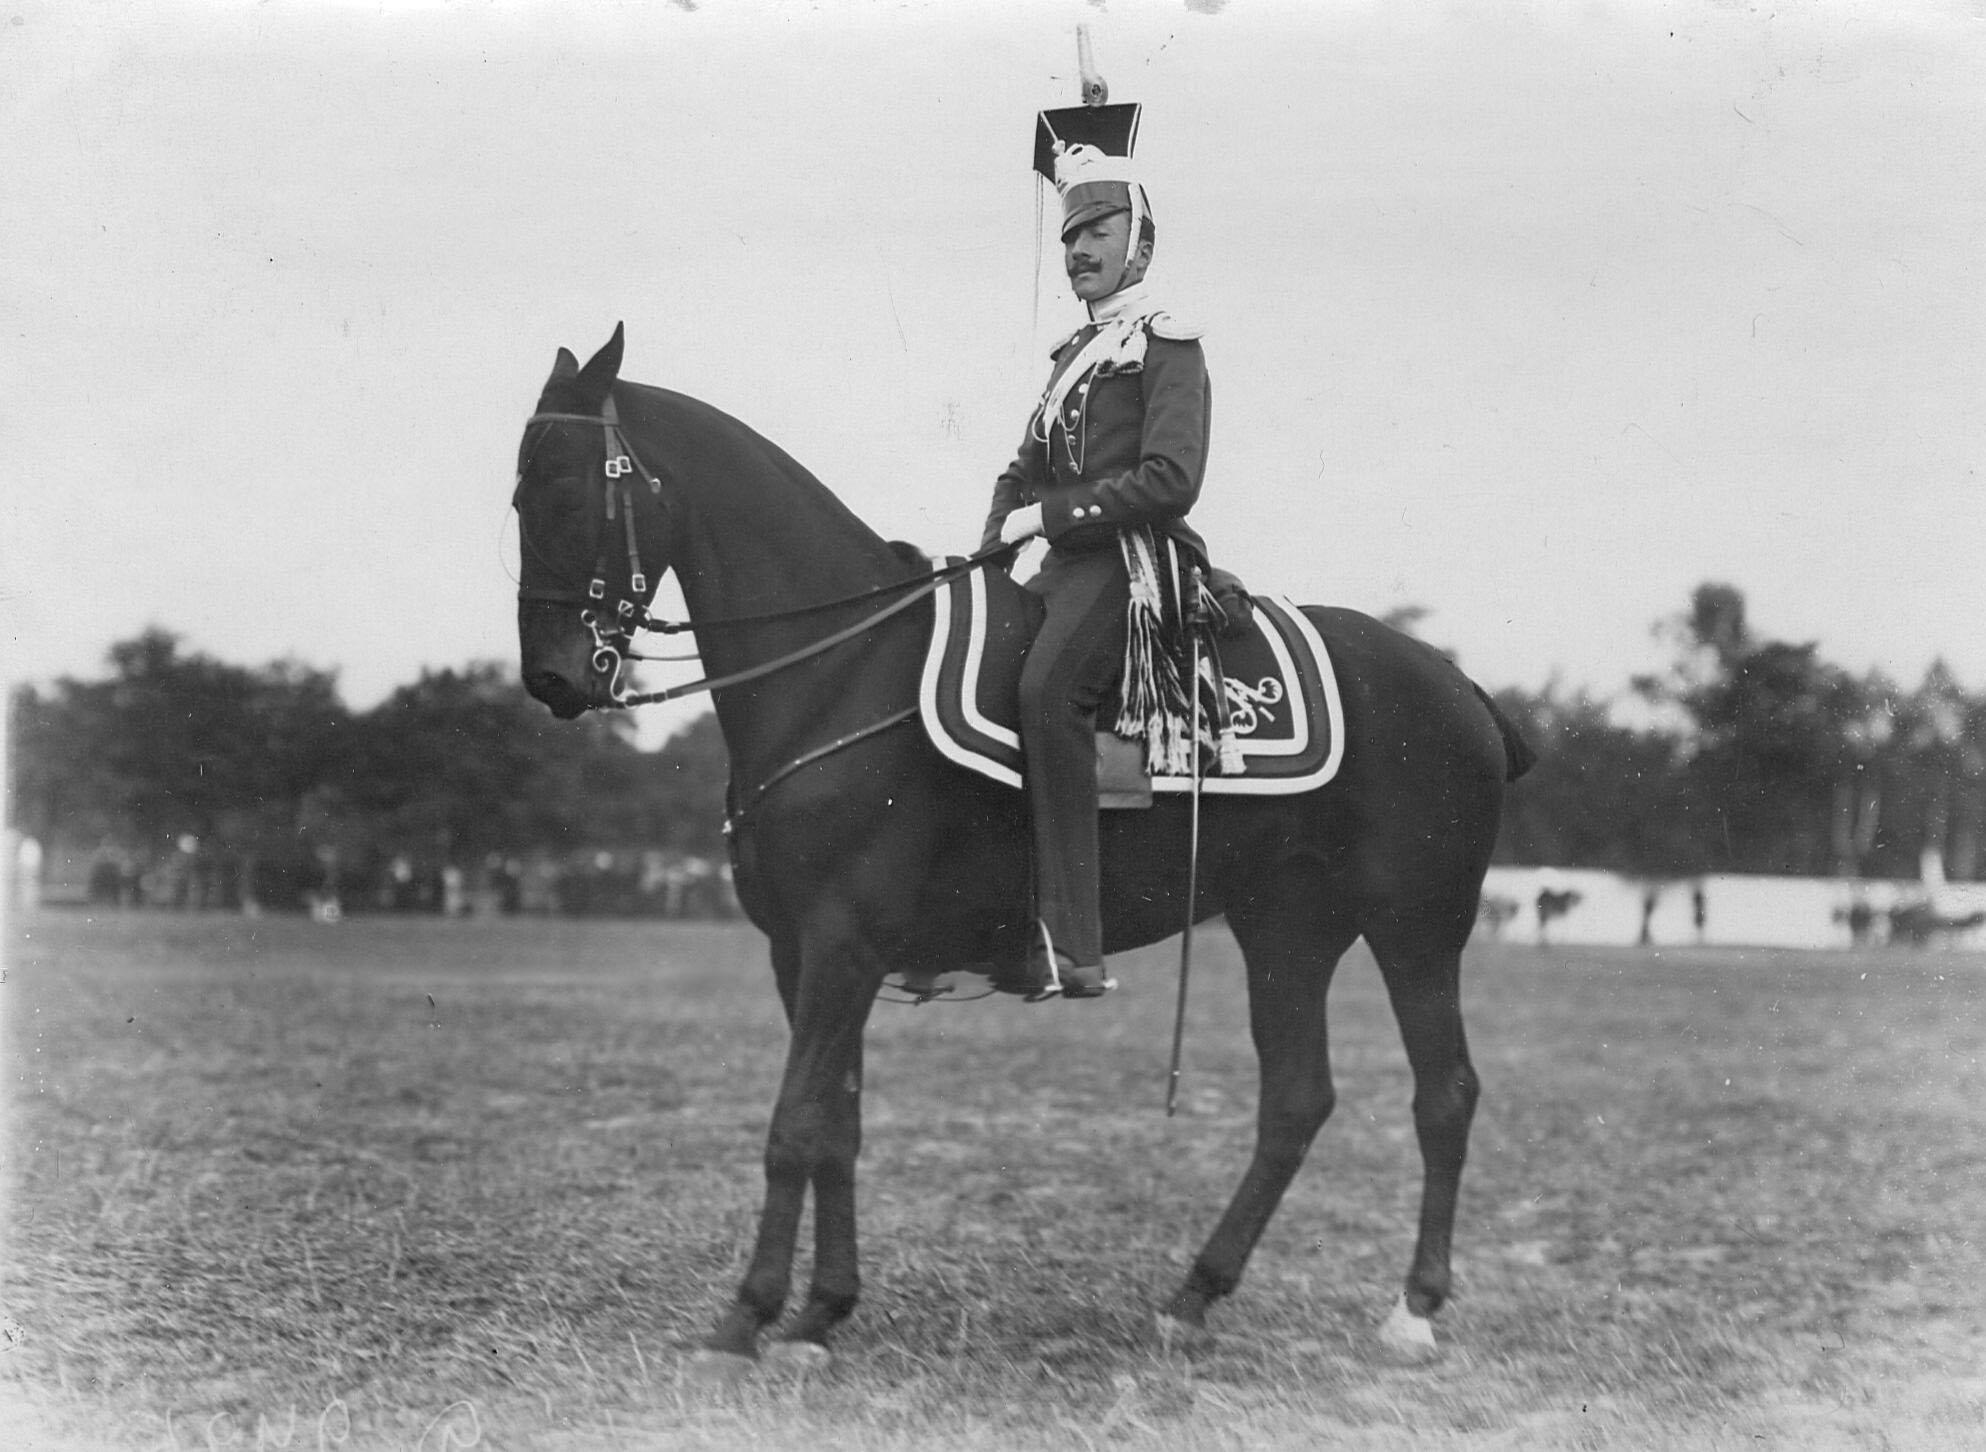 Офицер полка  в форме 1812 года на лошади в день празднования 250-летнего юбилея полка